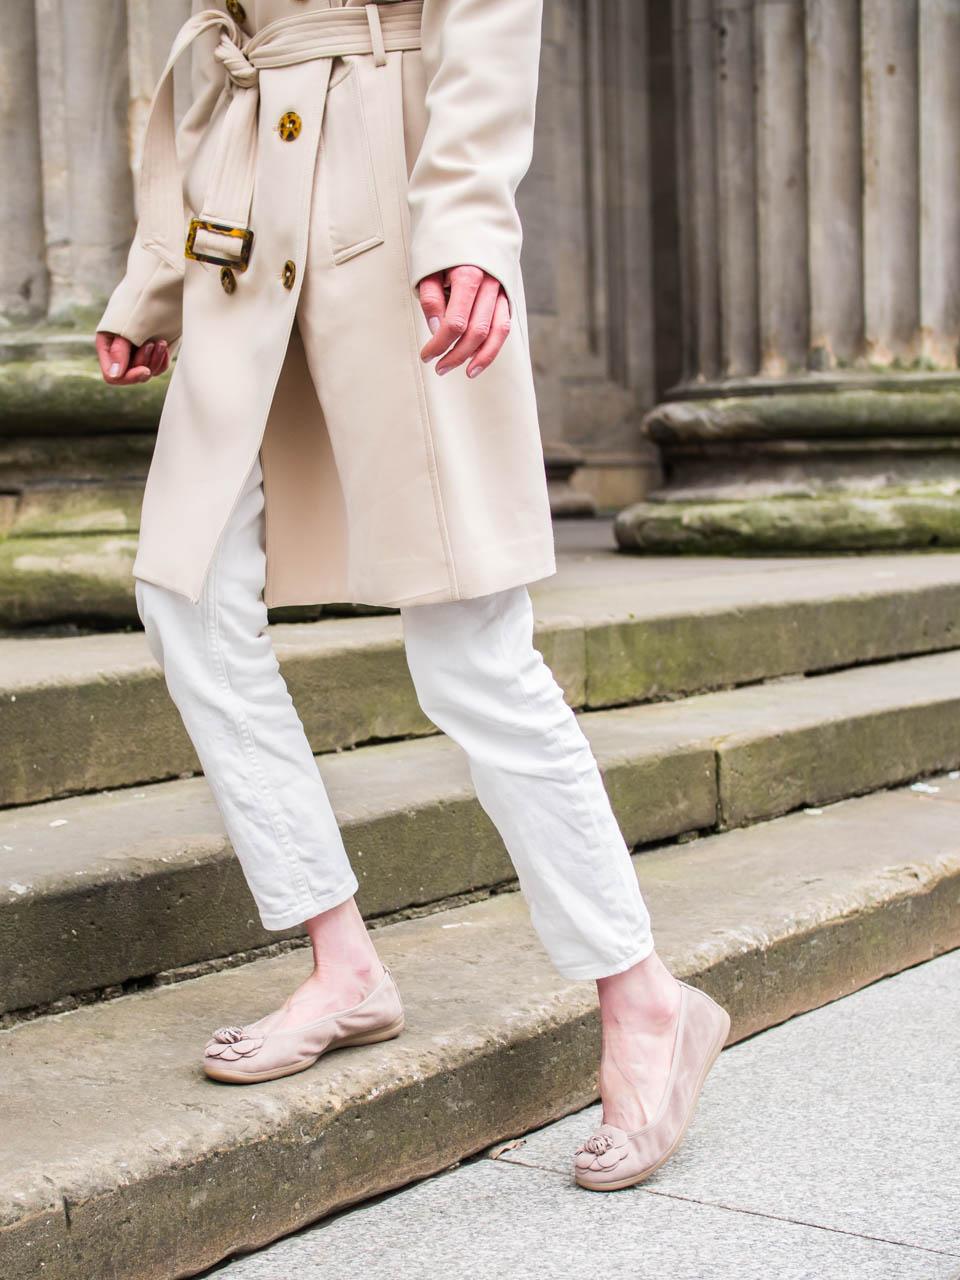 Fashion blogger spring outfit inspiration - Muoti, bloggaaja, kevät, tyyli, inspiraatio